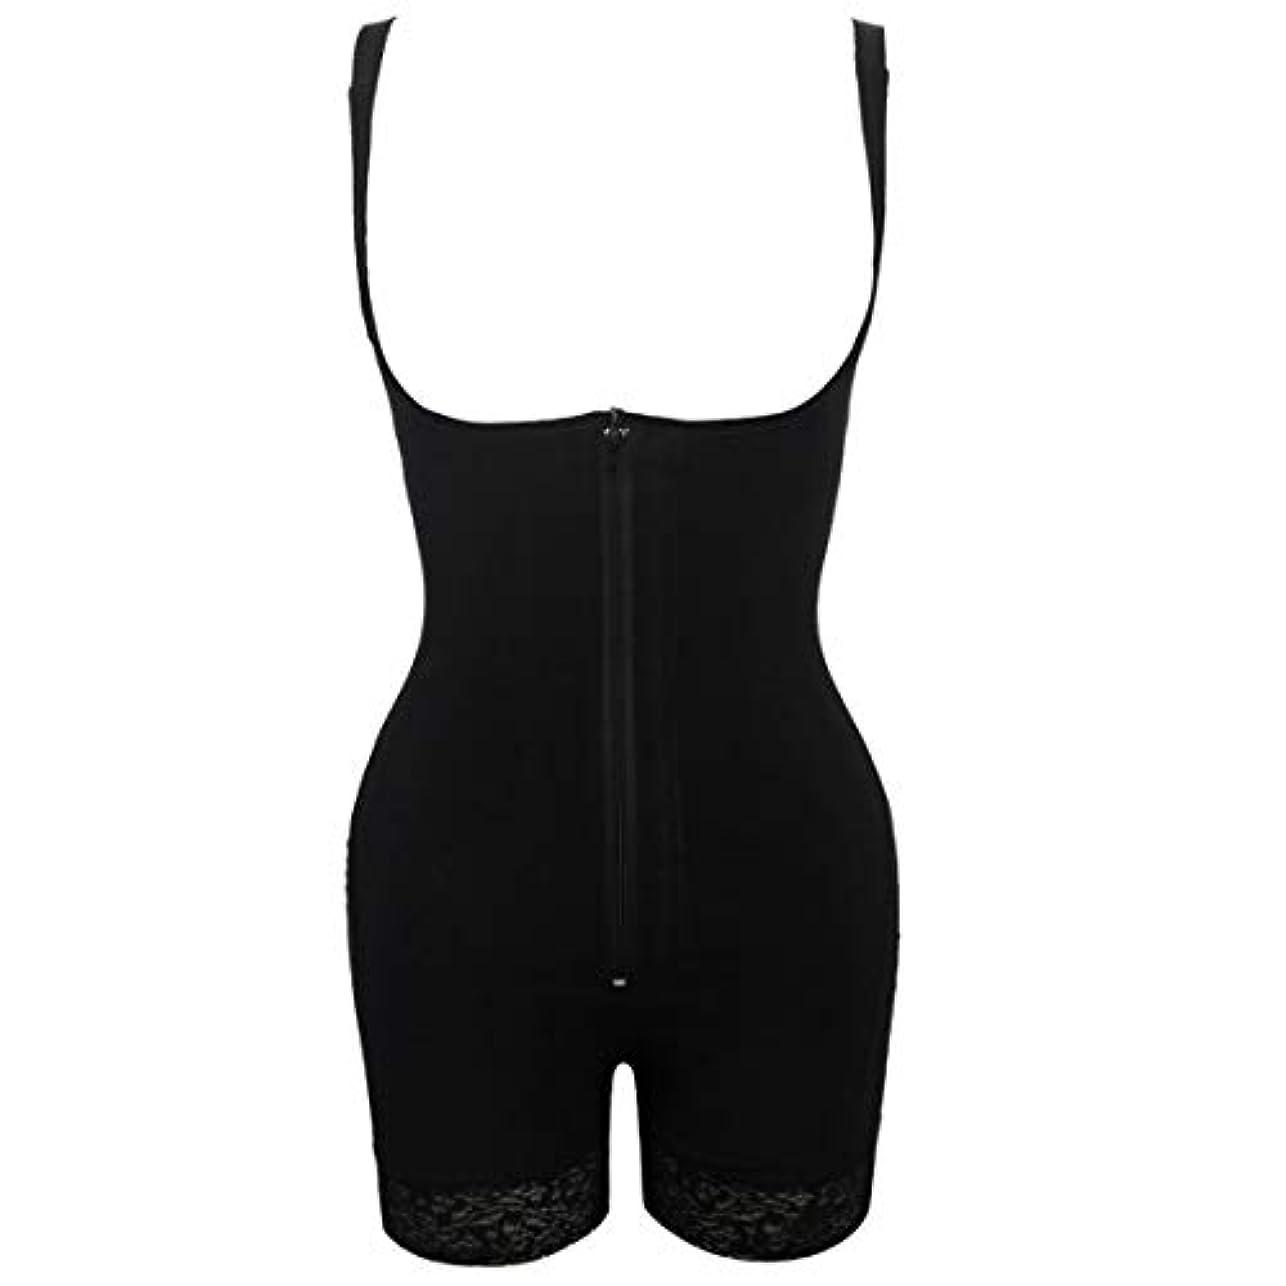 アレルギー超える更新するプラグサイズ女性スリムアンダーウェアボディスーツシェイプウェアレディーアンダーバストボディシェイパー ランジェリープラスサイズウエストトレーナー-ブラック-S